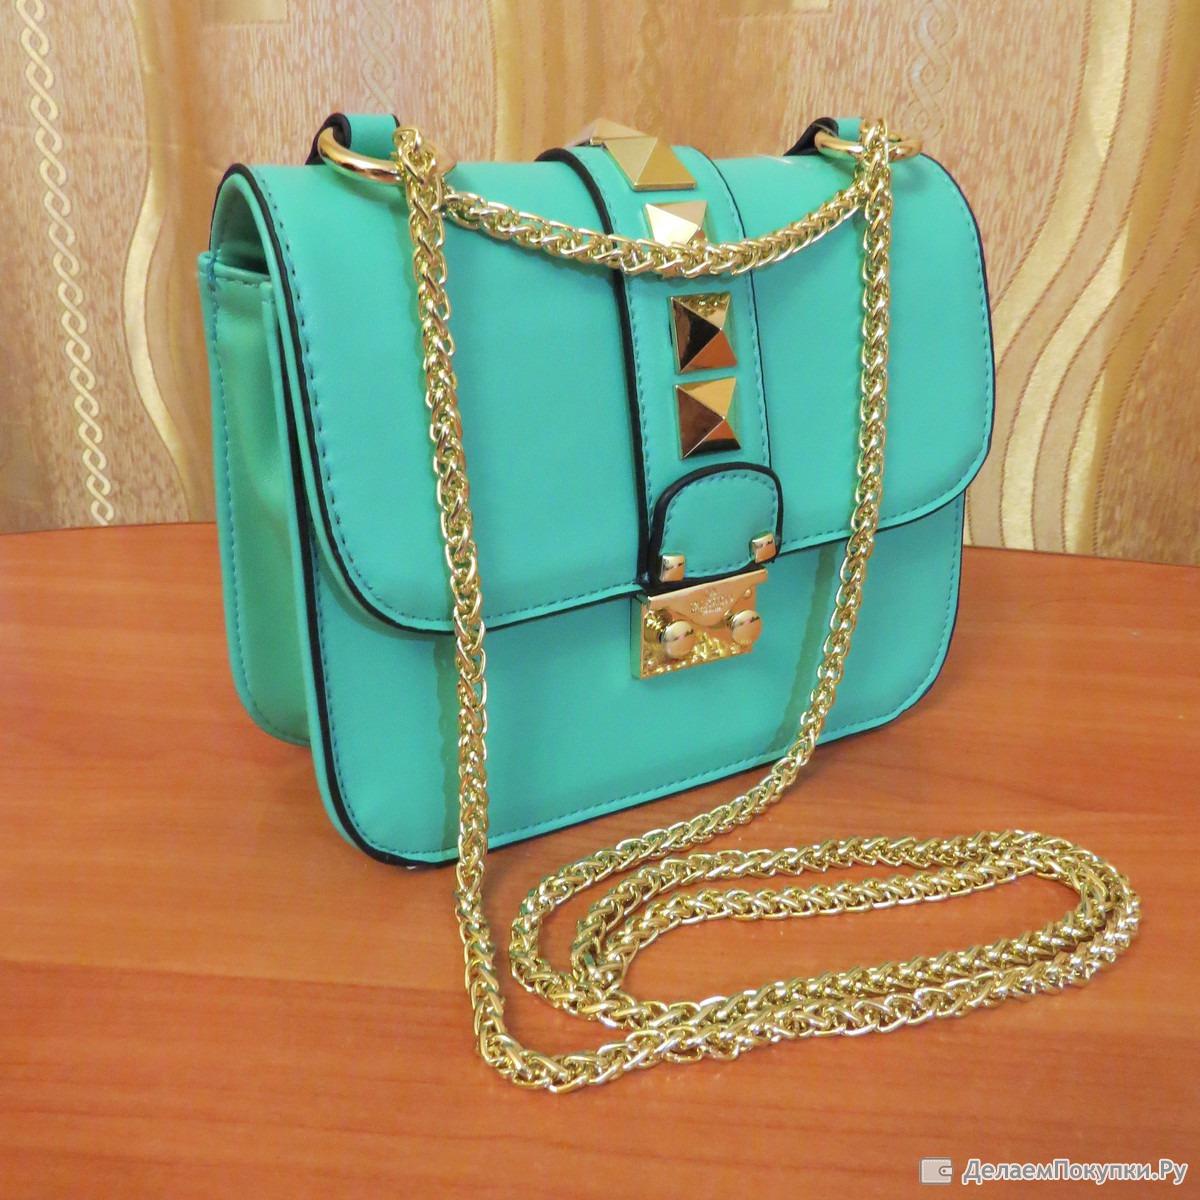 f9d1c990b1ef Шикарные сумочки. Реплики женских сумок известных брендов: Группа ...